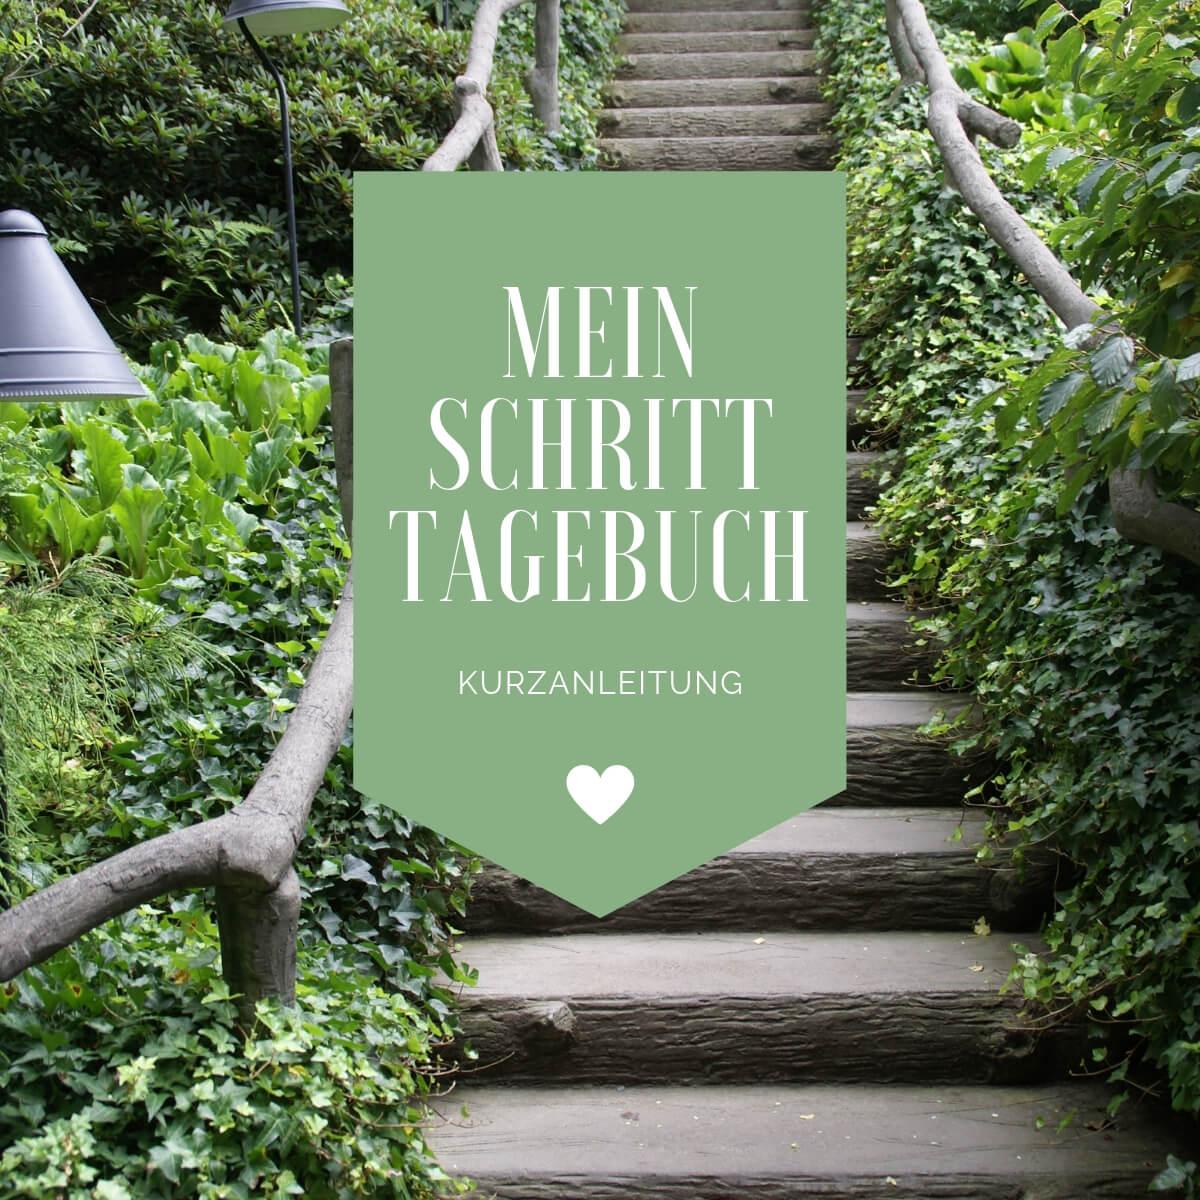 MeinSchrittTagebuch-Kurzanleitung